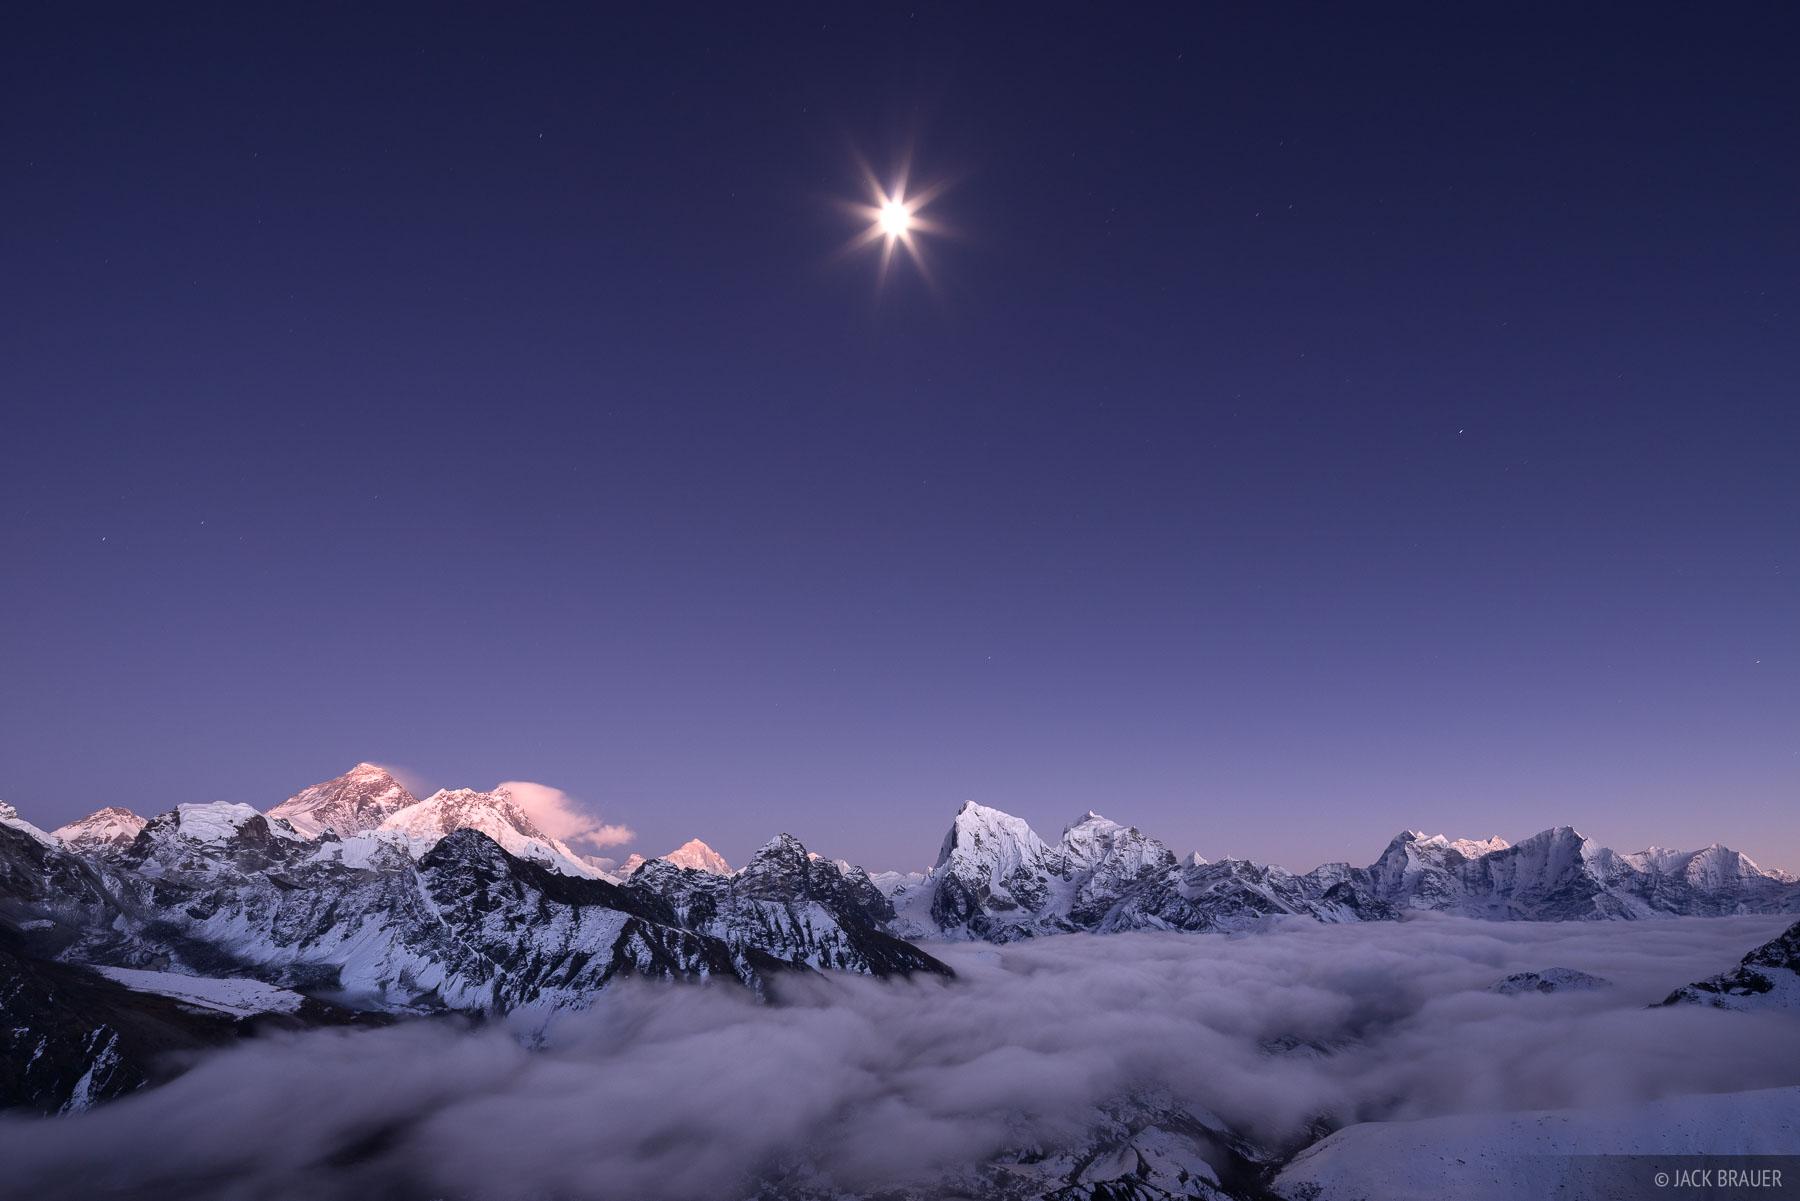 Cholatse,Gokyo Ri,Himalaya,Khumbu,Mt. Everest,Nepal, photo